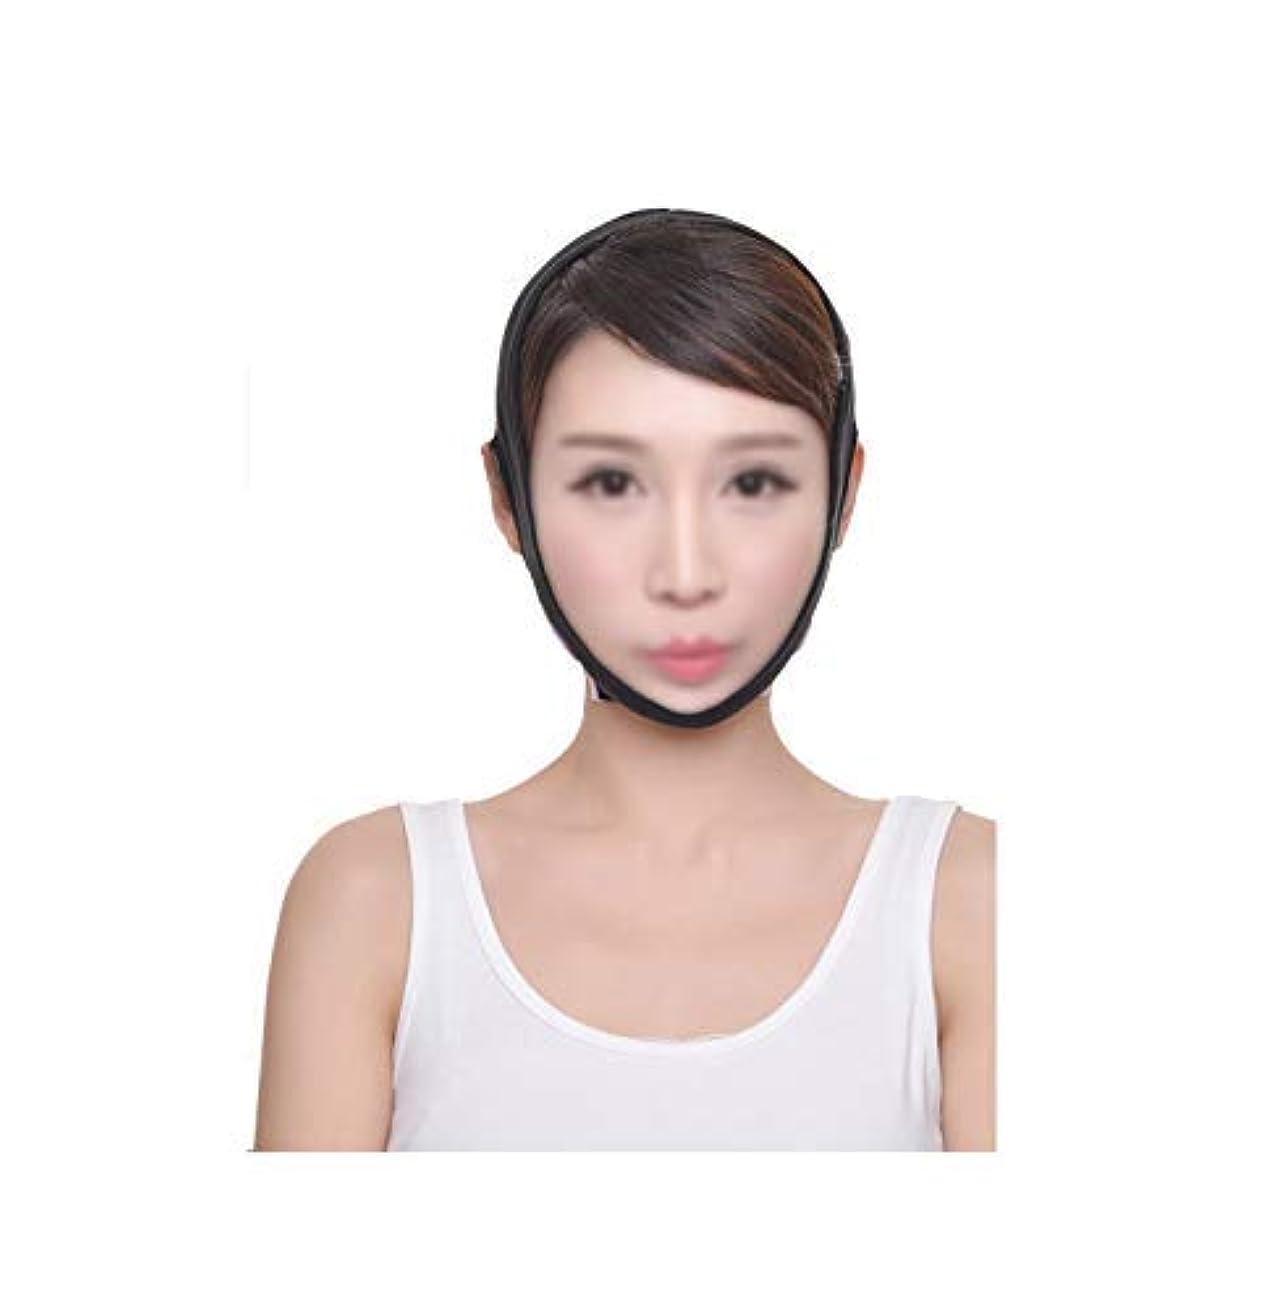 守る却下する後者ファーミングフェイスマスク、フェイスリフティングアーティファクト脂肪吸引術術後整形二重あご美容マスクブラックフード(サイズ:L)